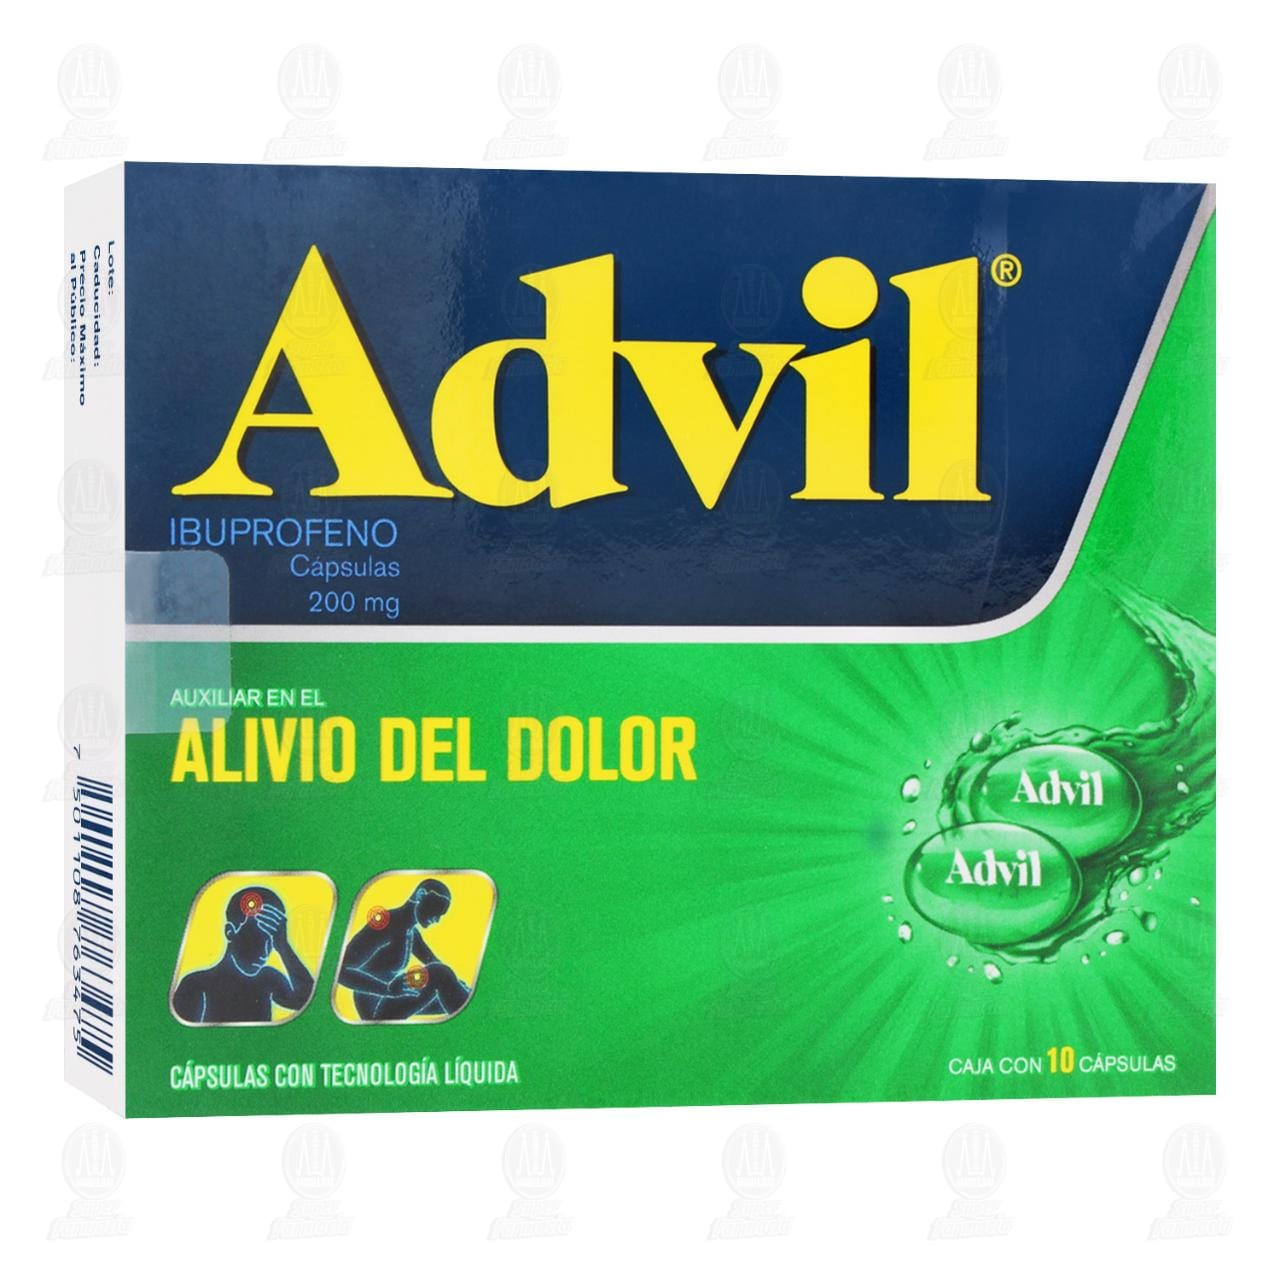 Comprar Advil 200mg 10 Cápsulas en Farmacias Guadalajara